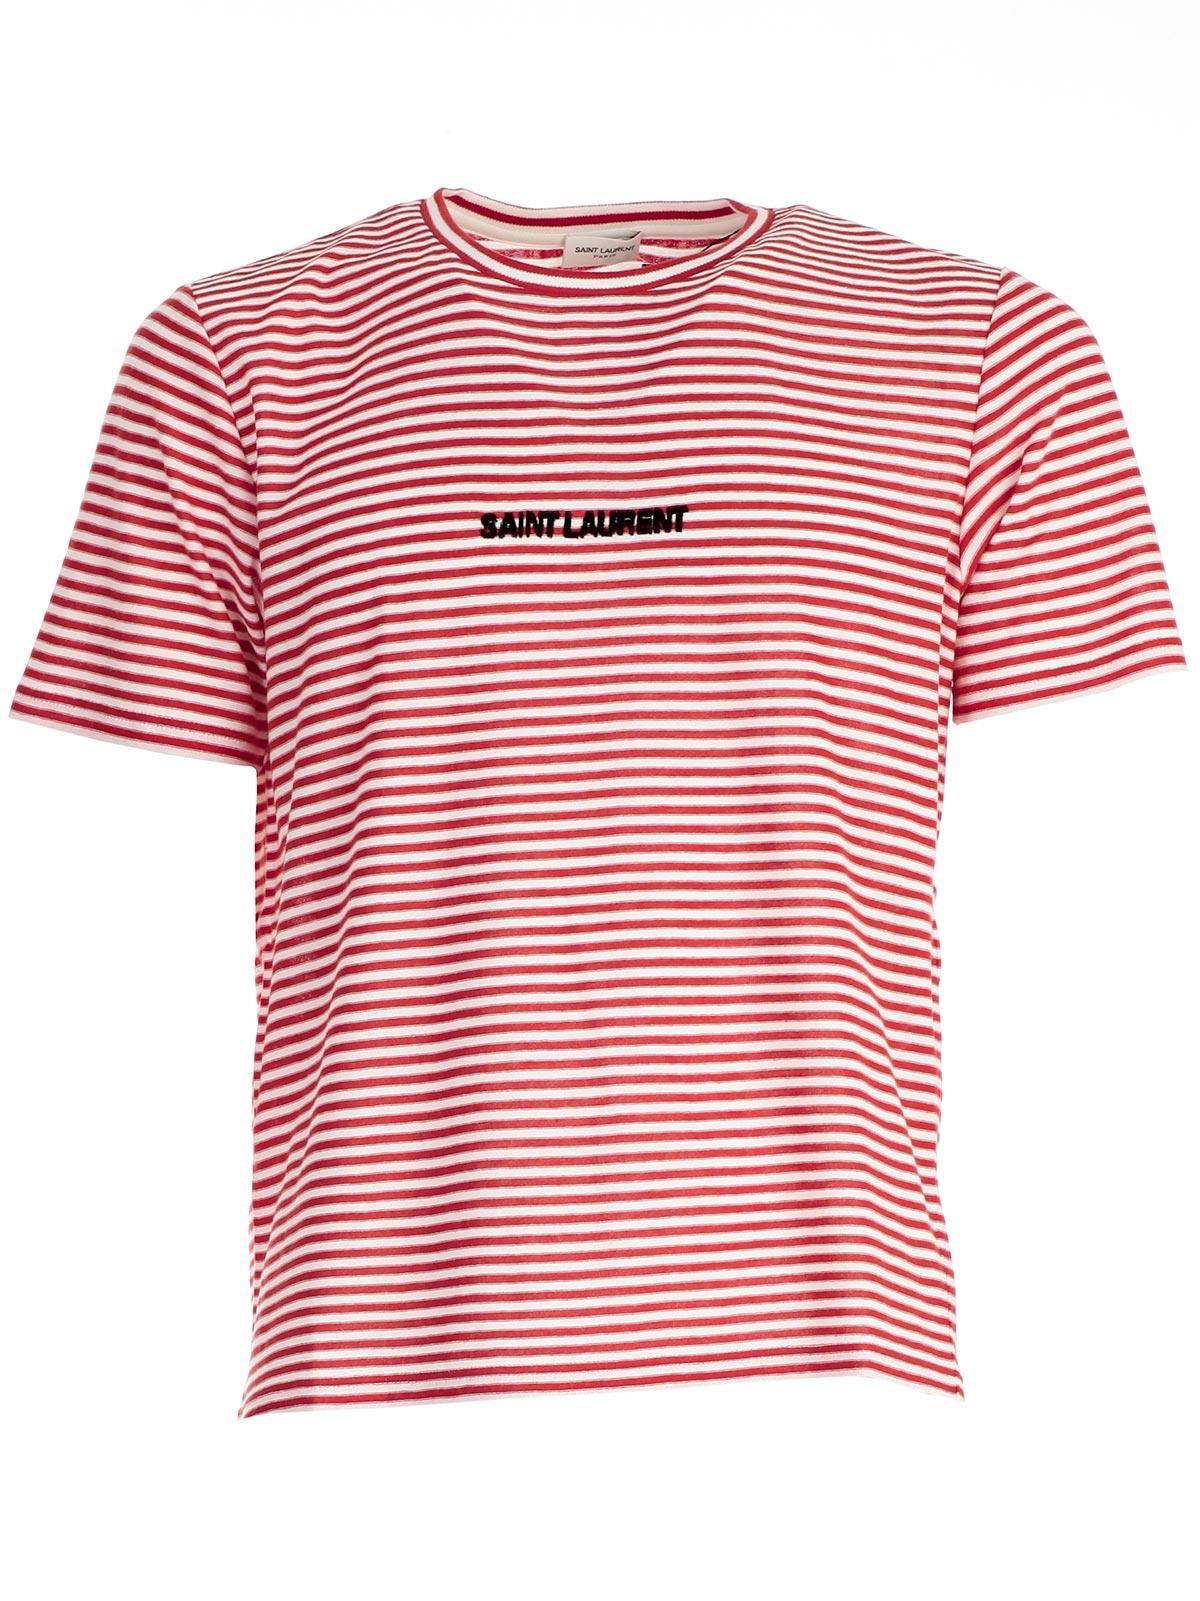 Picture of Saint Laurent T-Shirt